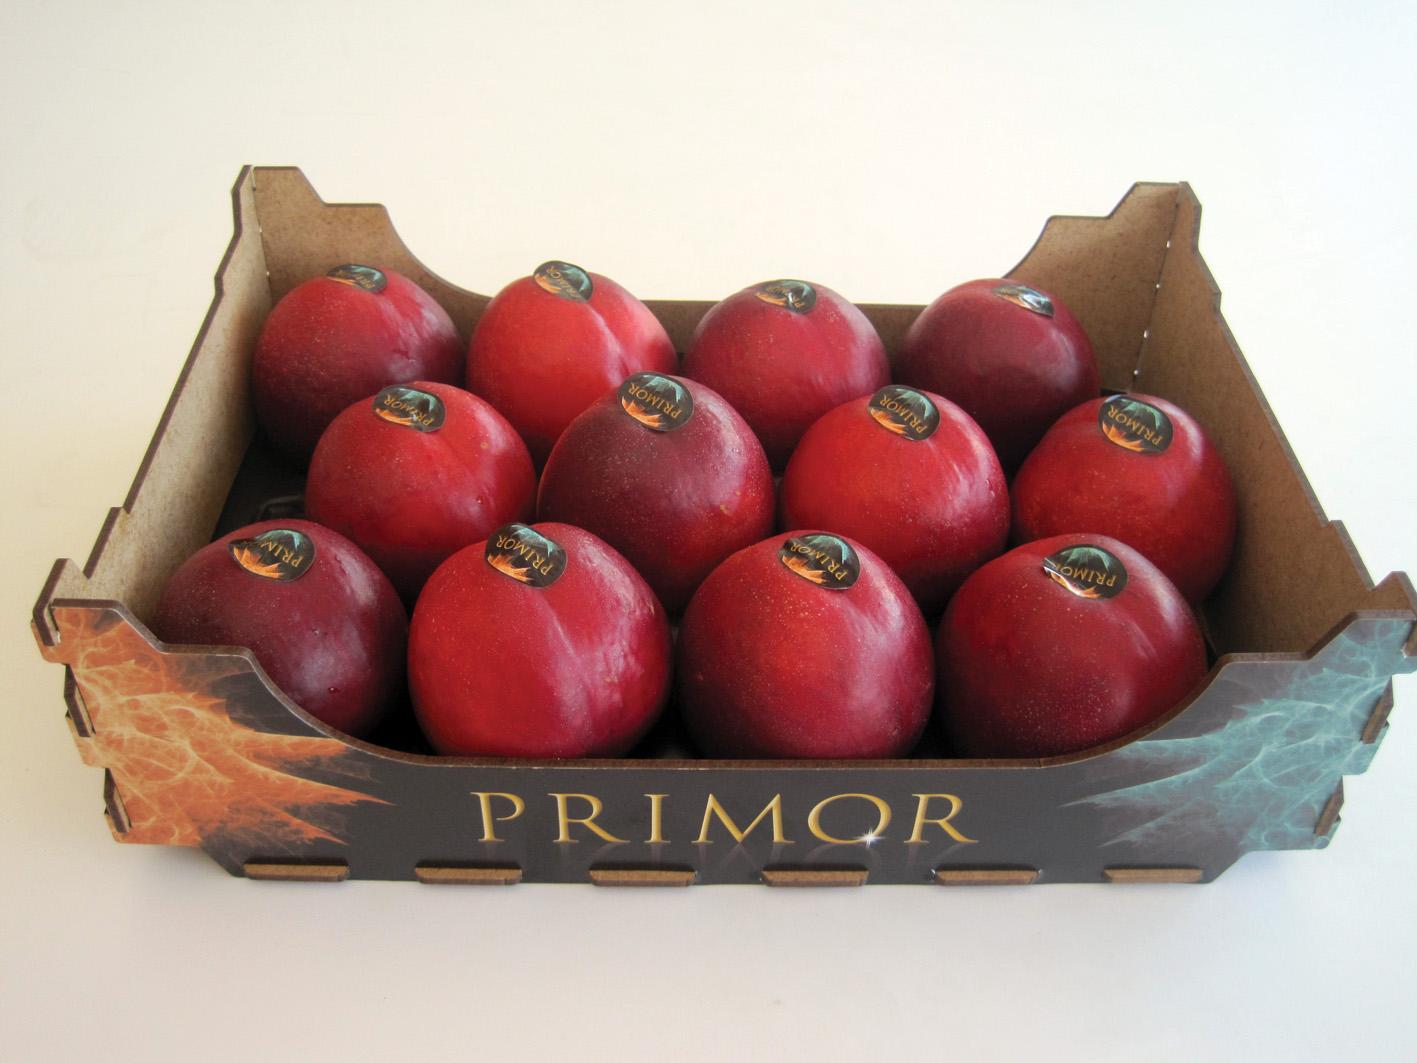 SPECIAL spain PRIMOR Nectarina Caja Primor 20x30 002